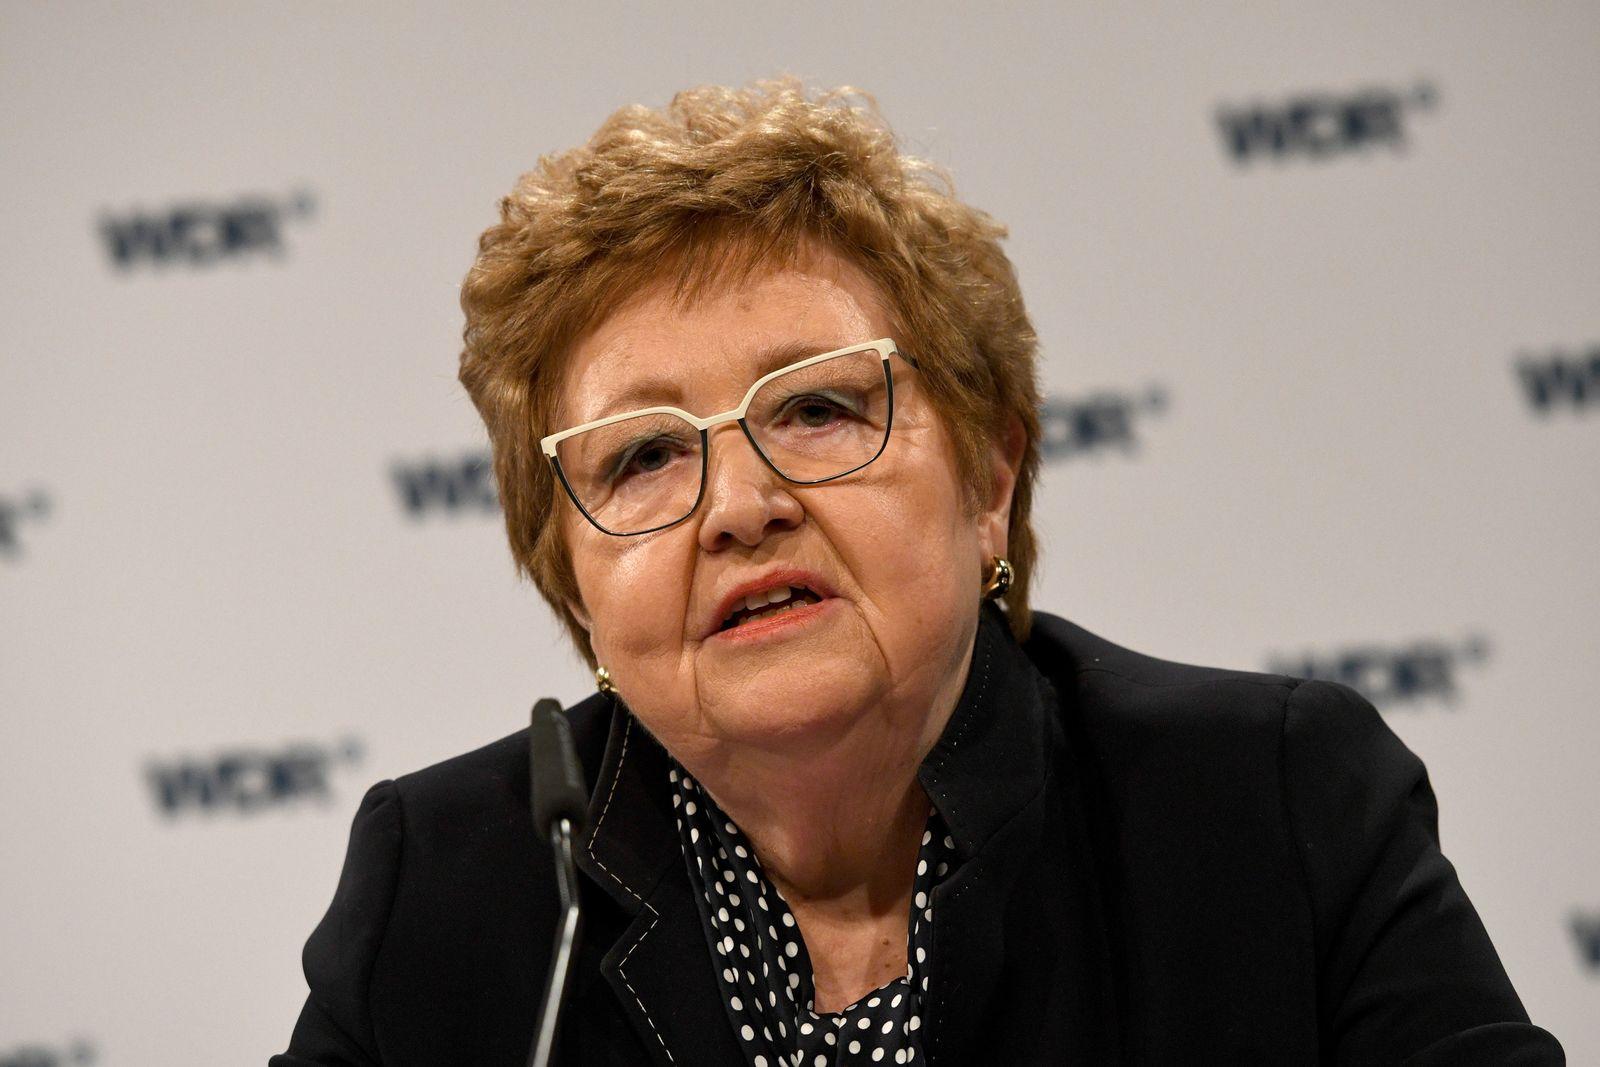 Monika Wulf-Mathies